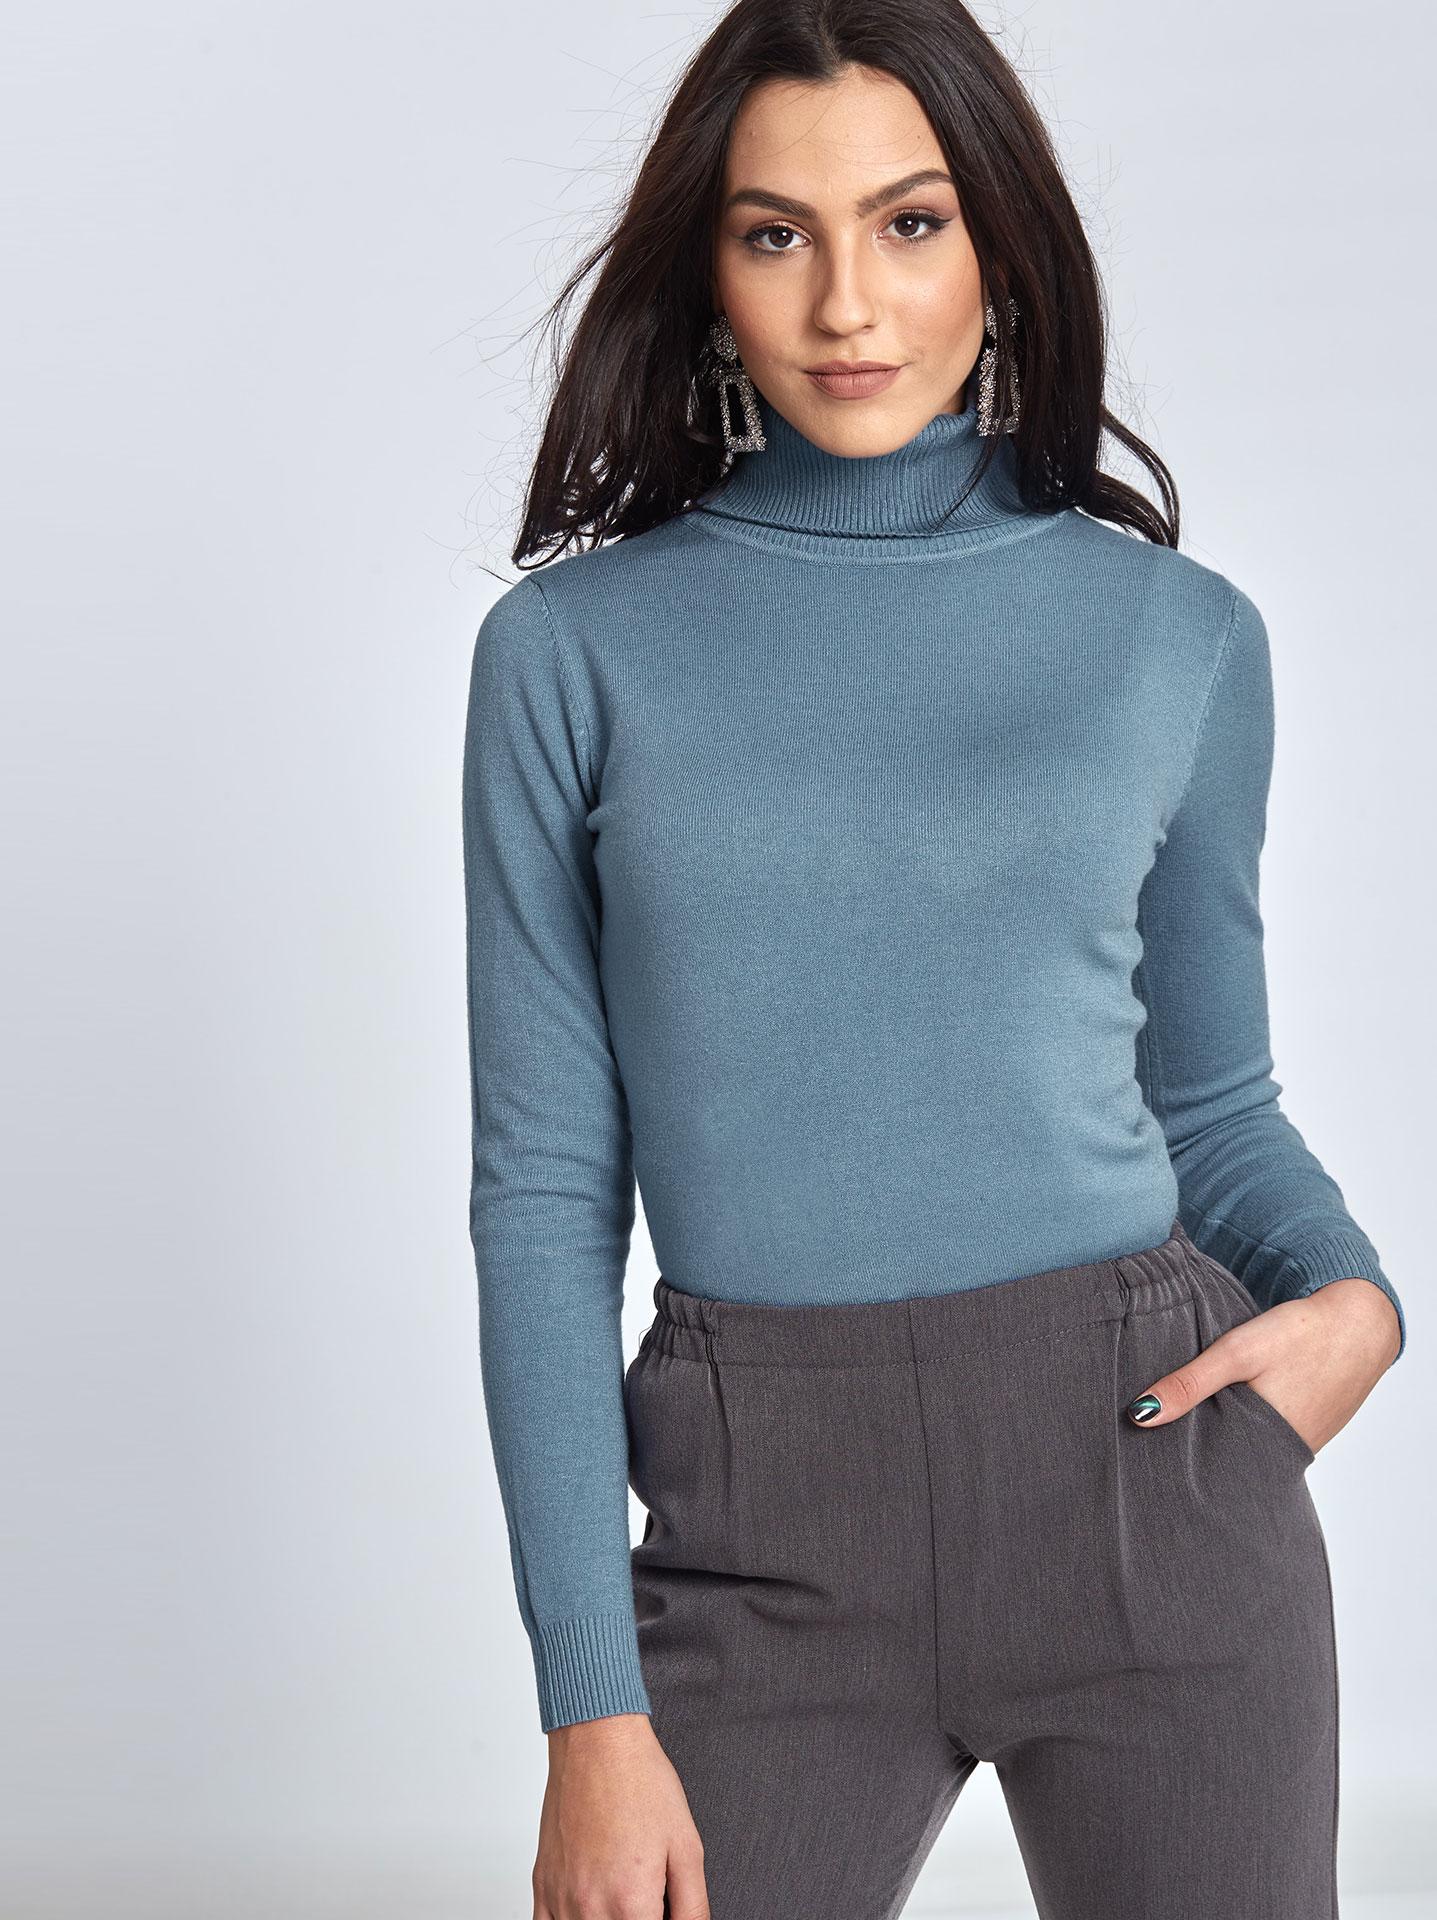 fd75013f3e78 Μακρύ ζιβάγκο πουλόβερ σε μπλε ραφ